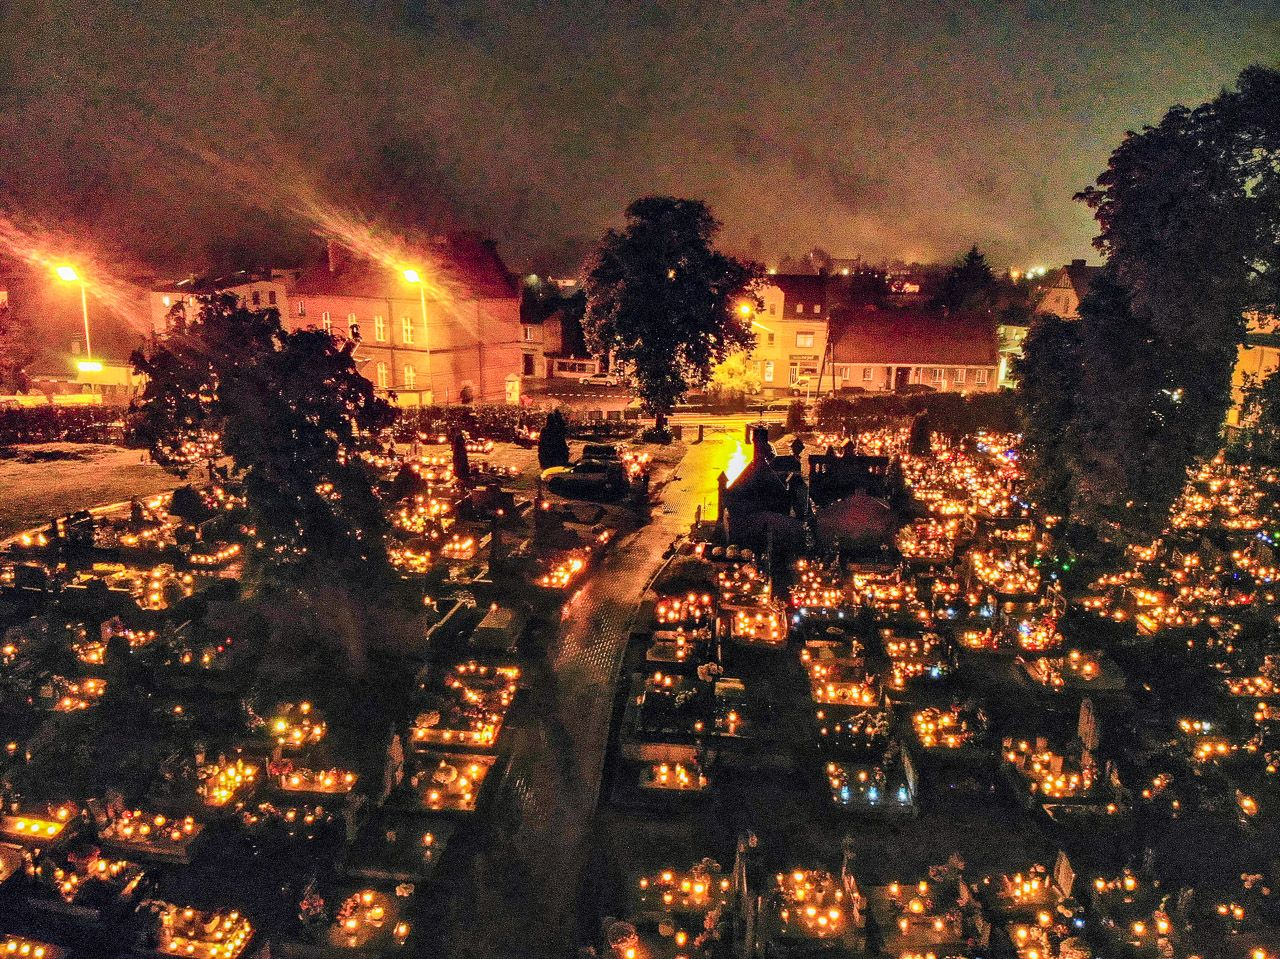 Światła już płoną…